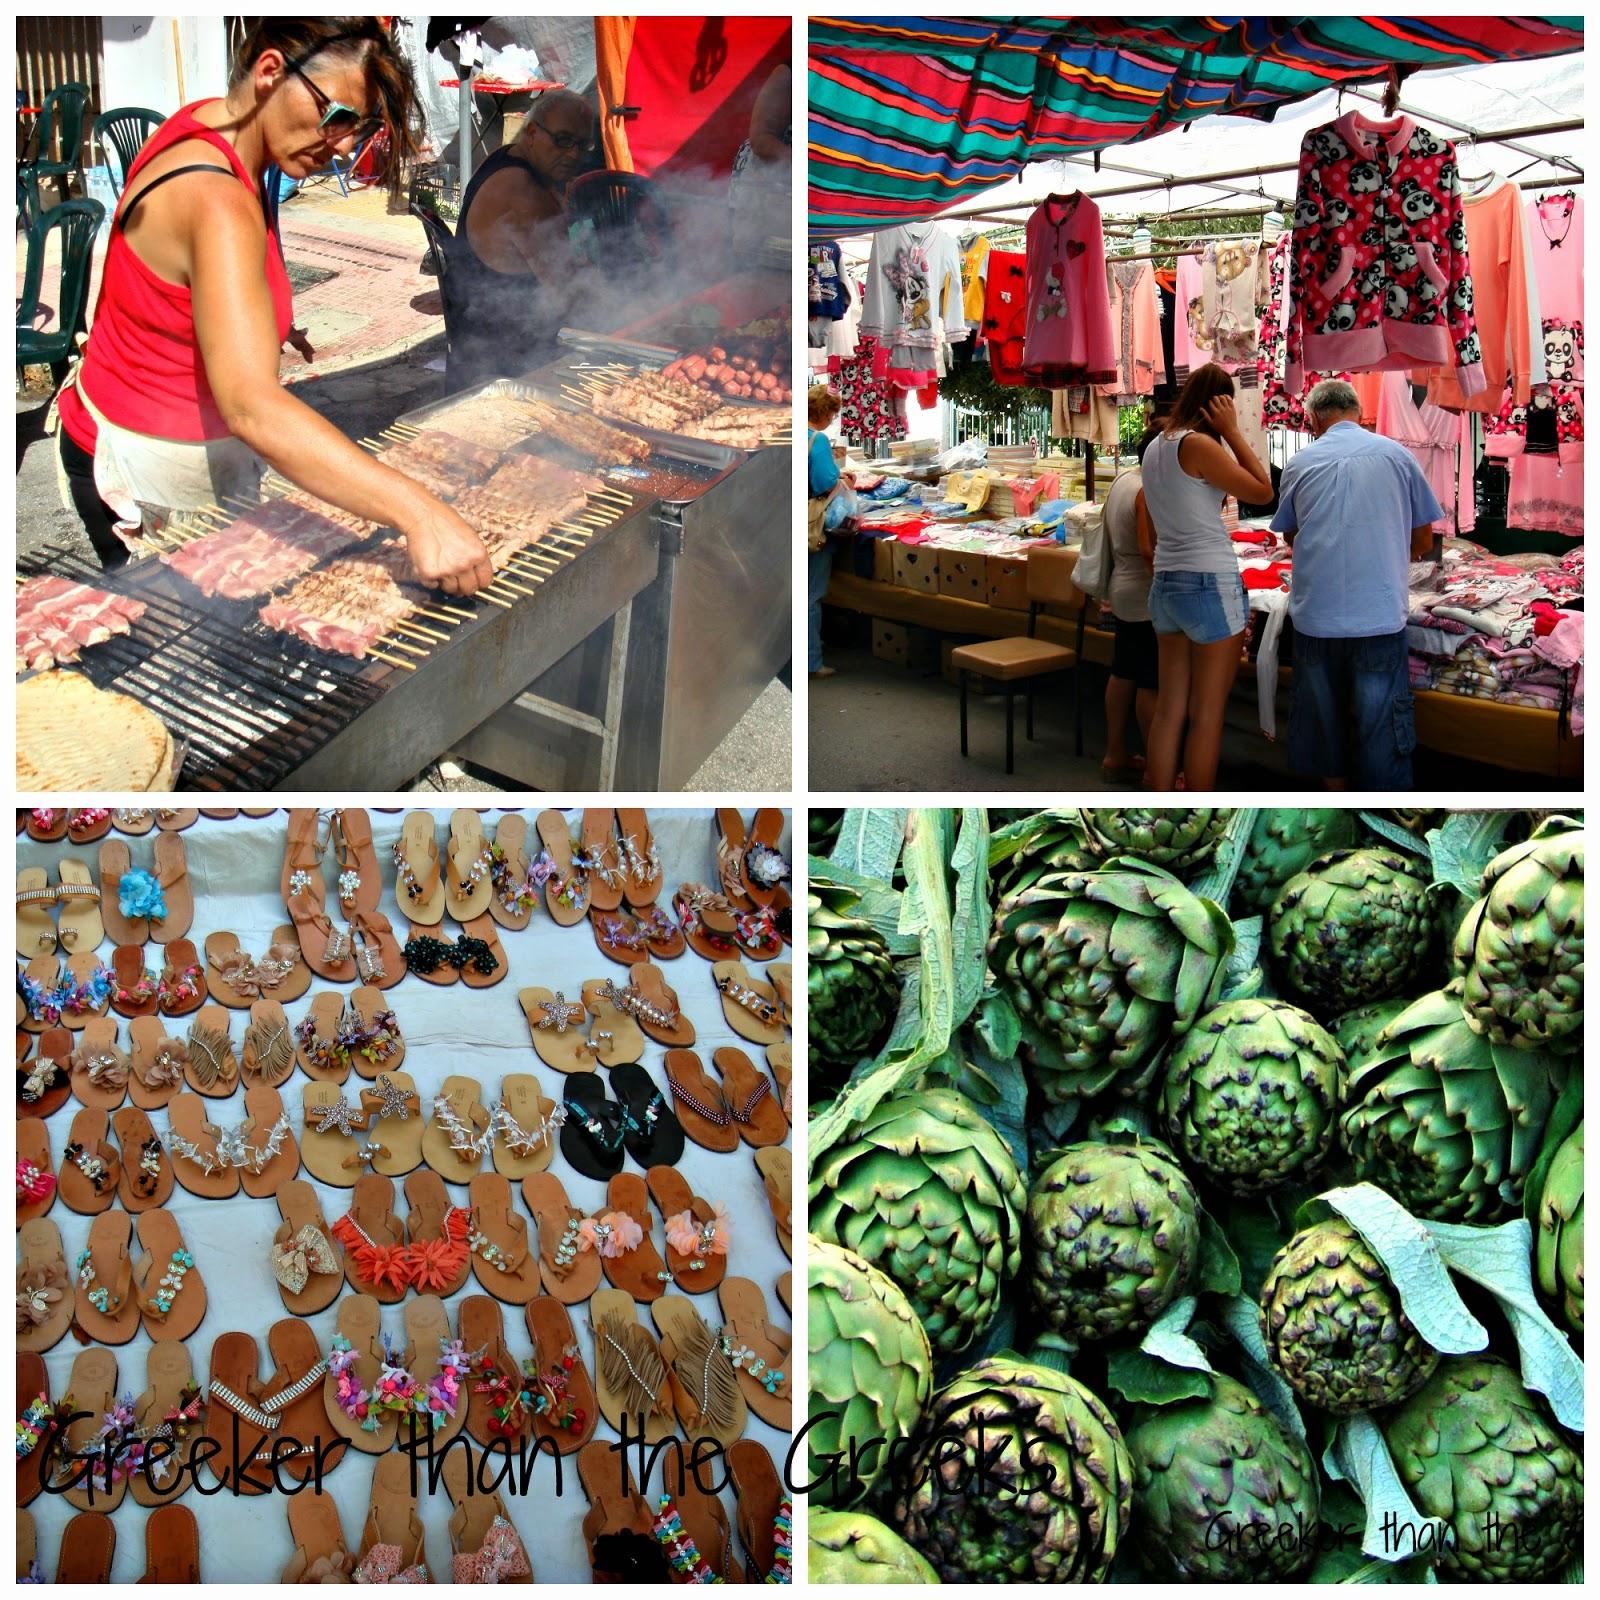 Greek street market